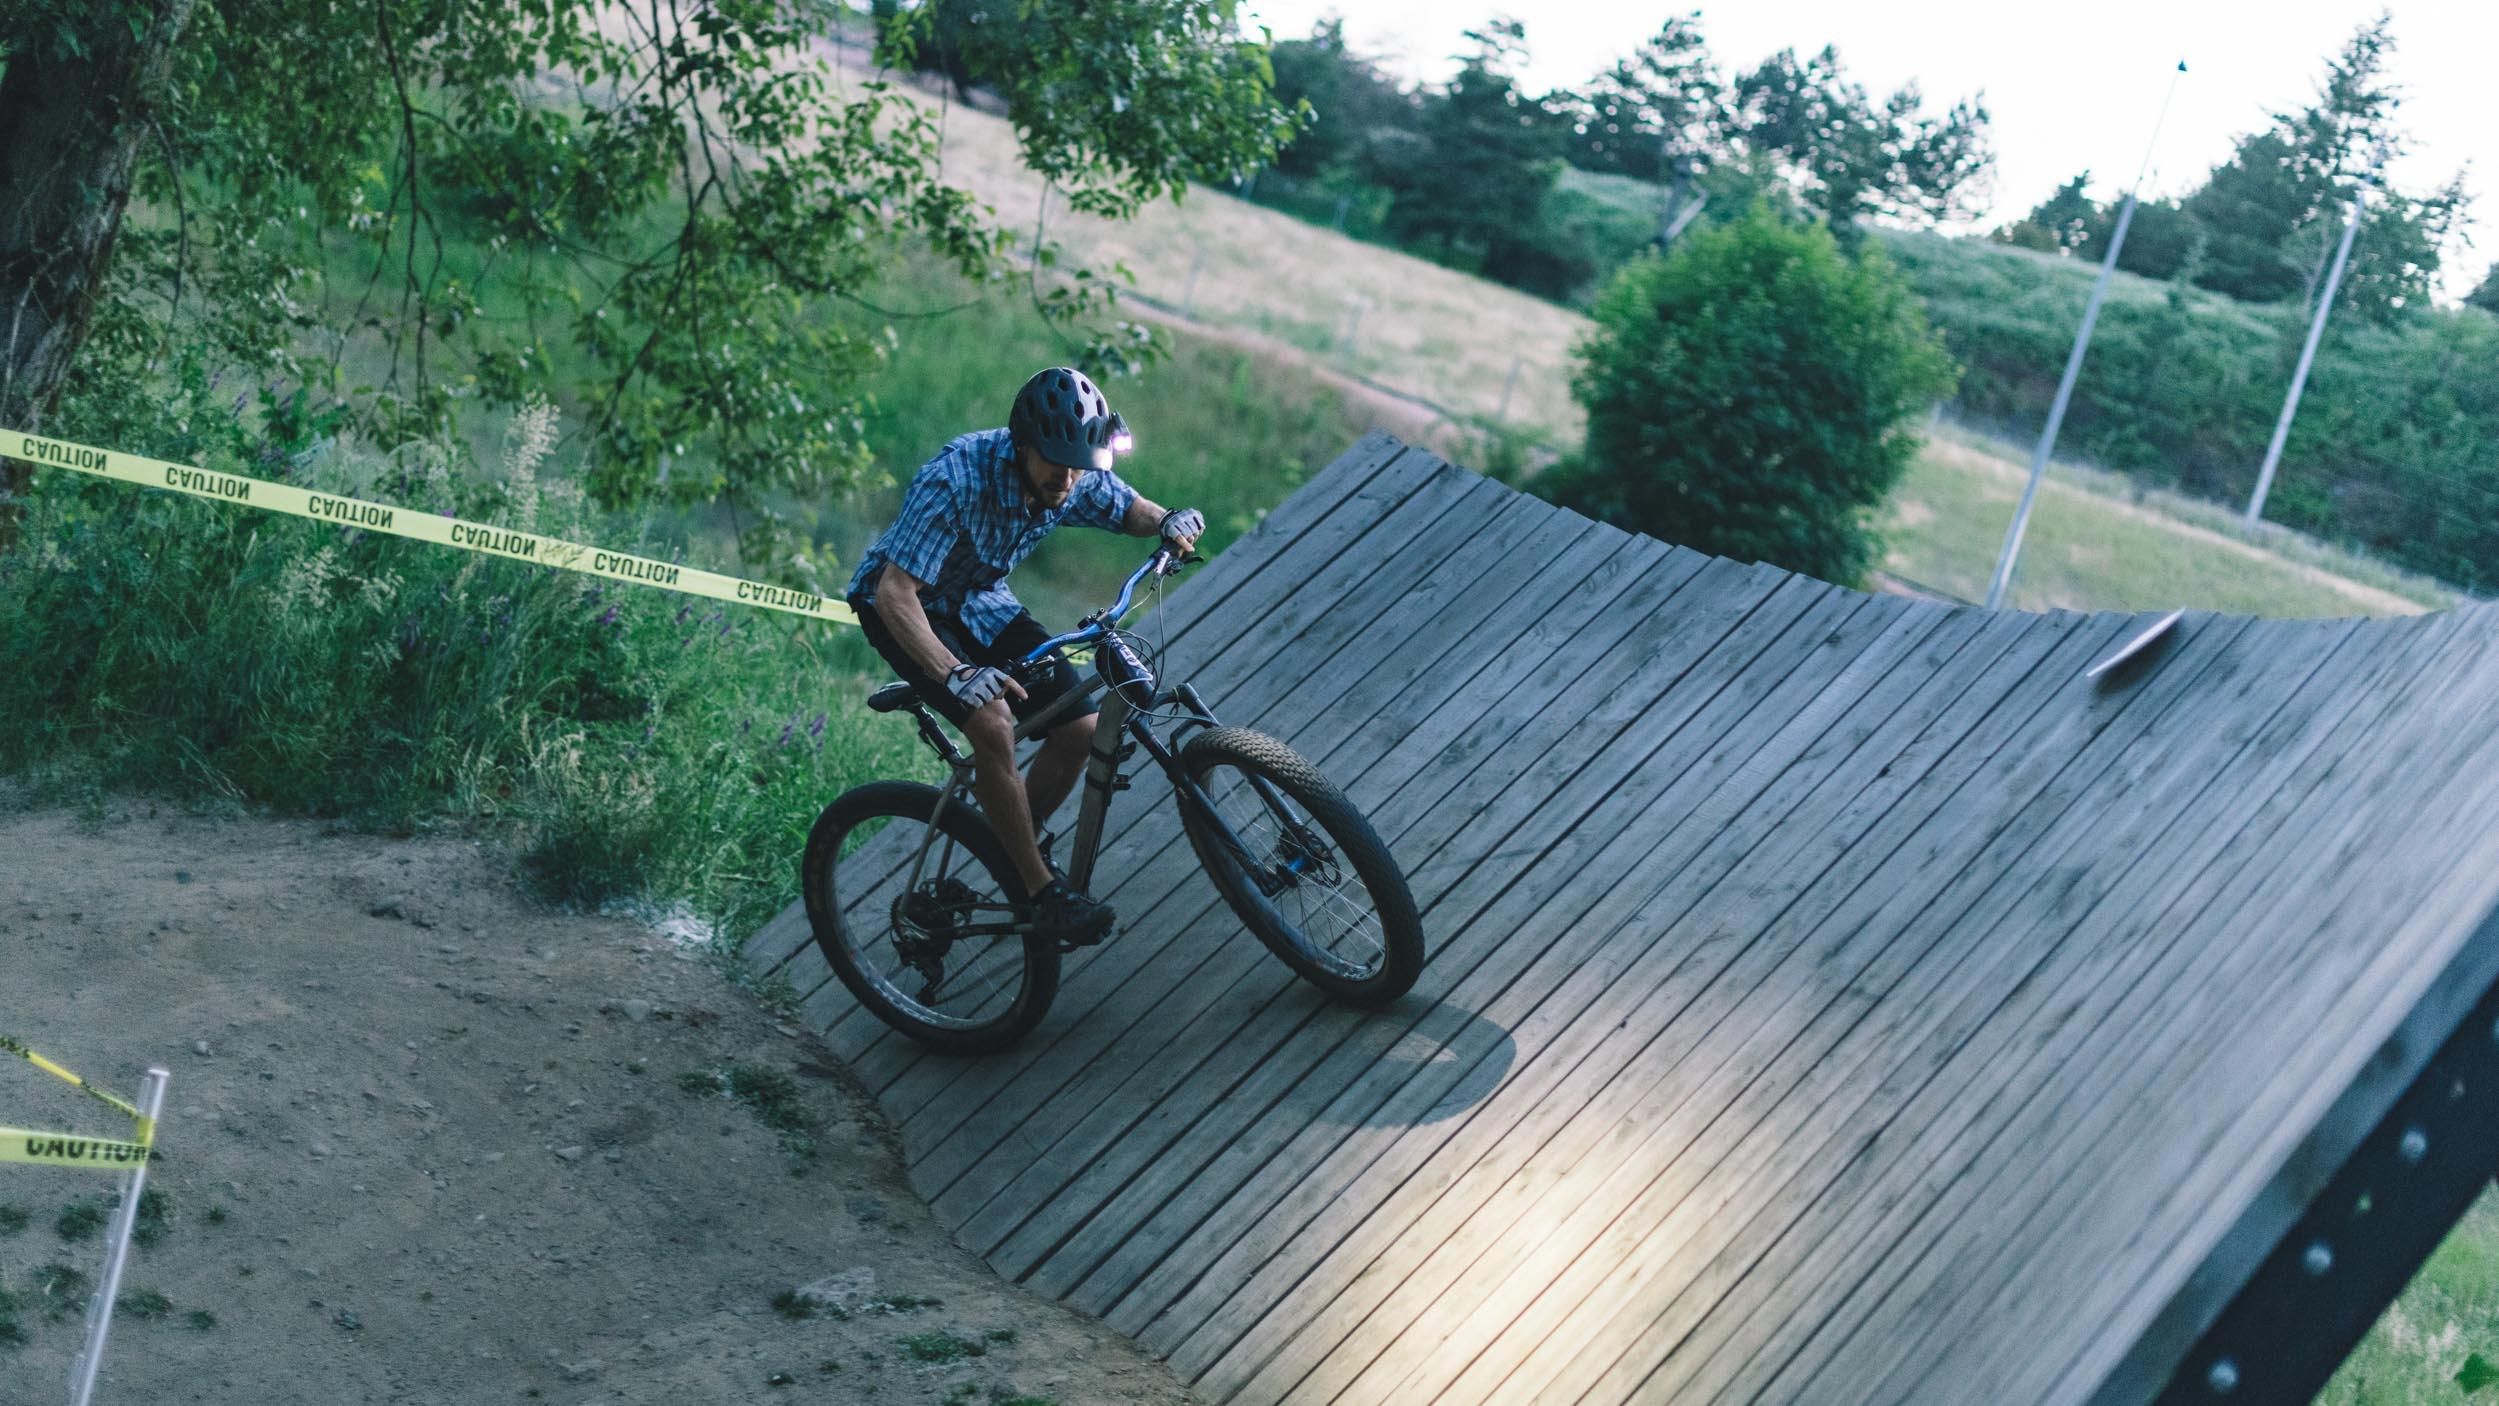 COBRA_Racing_Gateway_Miguel_Race_51.jpg